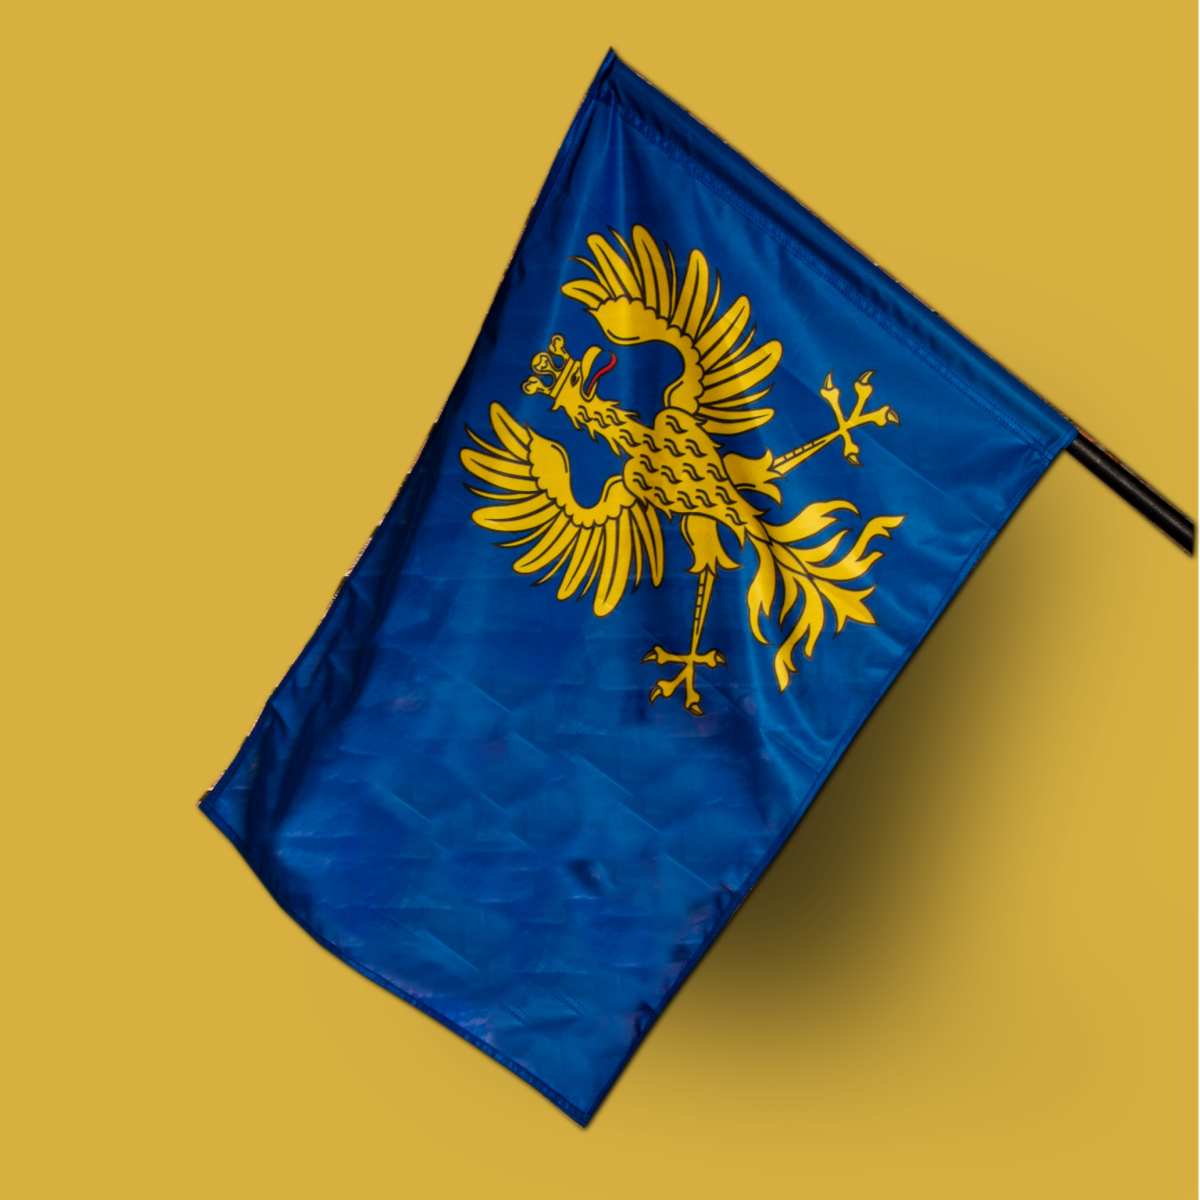 (Polski) Flaga Księstwa Cieszyńskiego elewacyjna/ masztowa